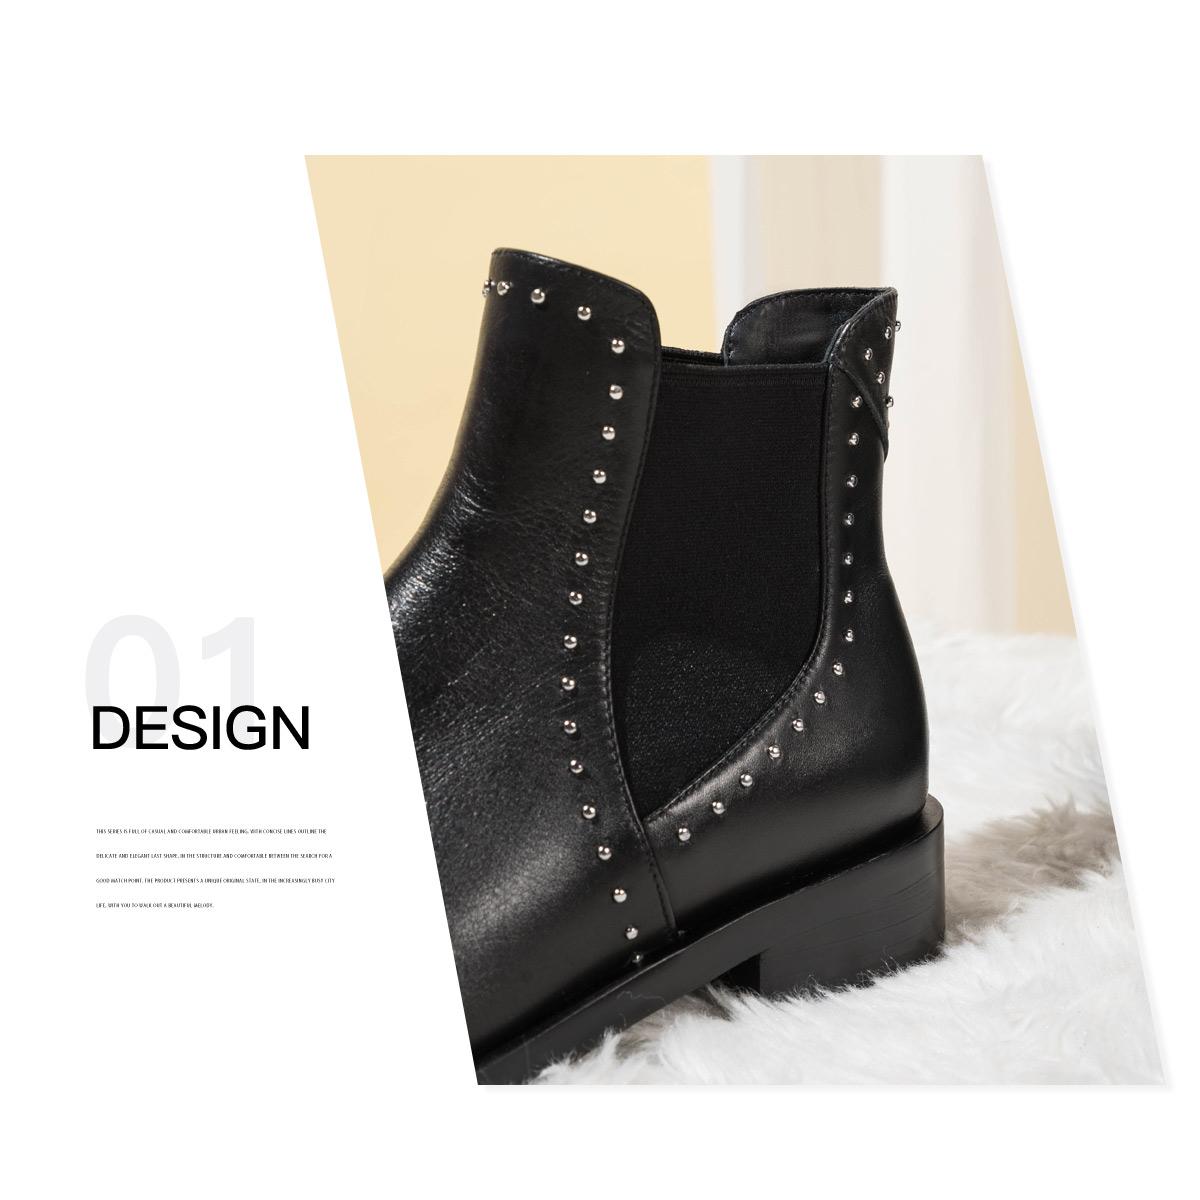 SS04118588 冬季新款铆钉圆头方跟复古时尚短靴 2020 星期六切尔西靴